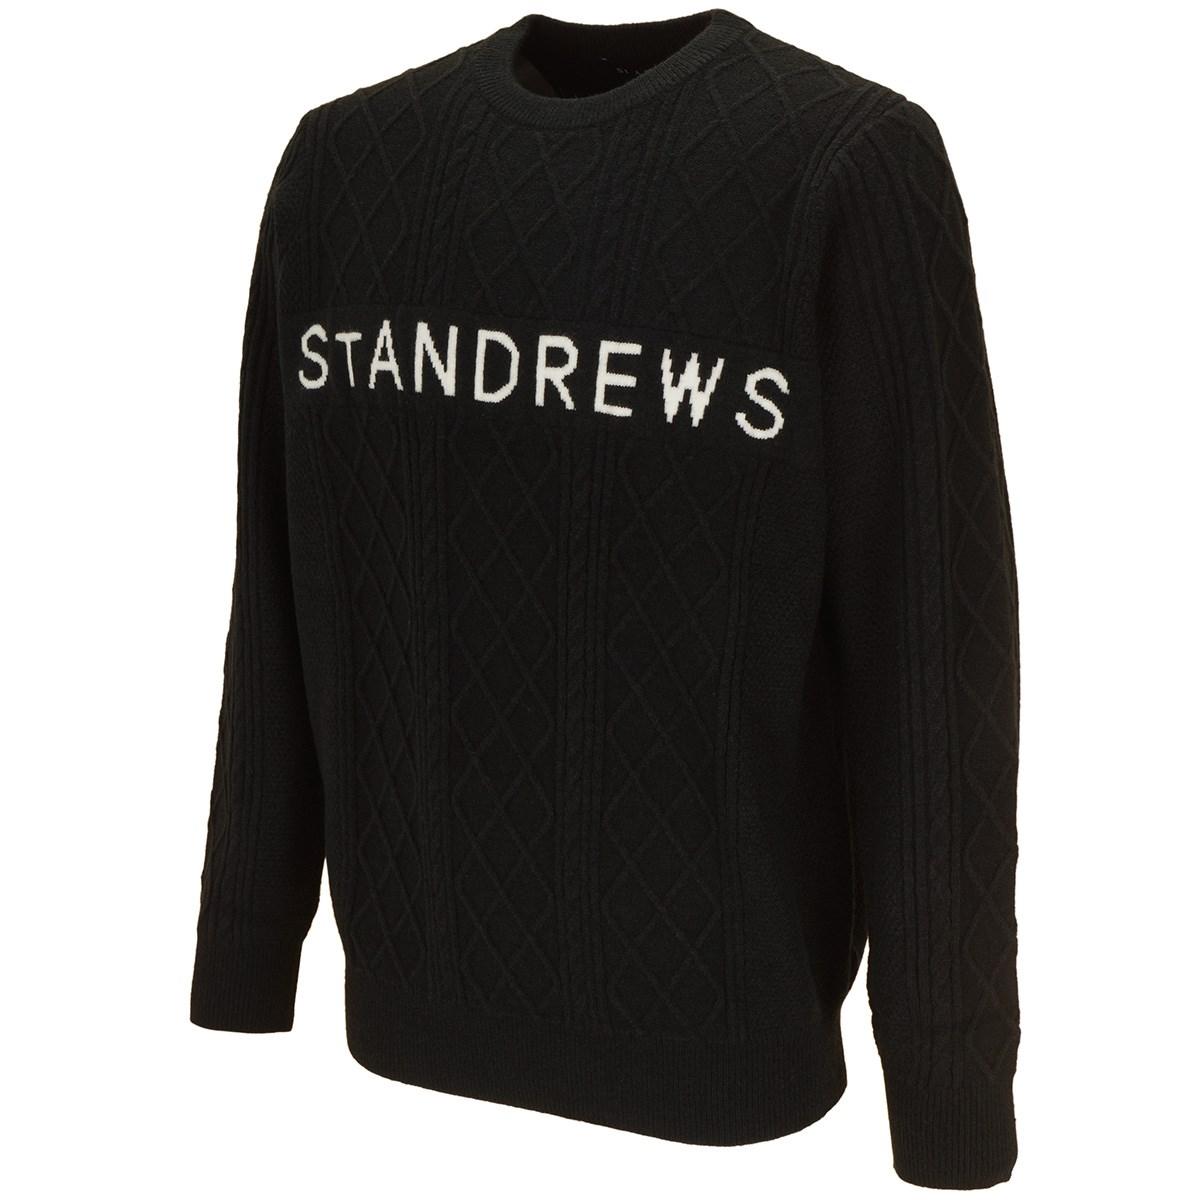 セント・アンドリュース St ANDREWS ケーブルロゴインターシャプルオーバー M ブラック 010